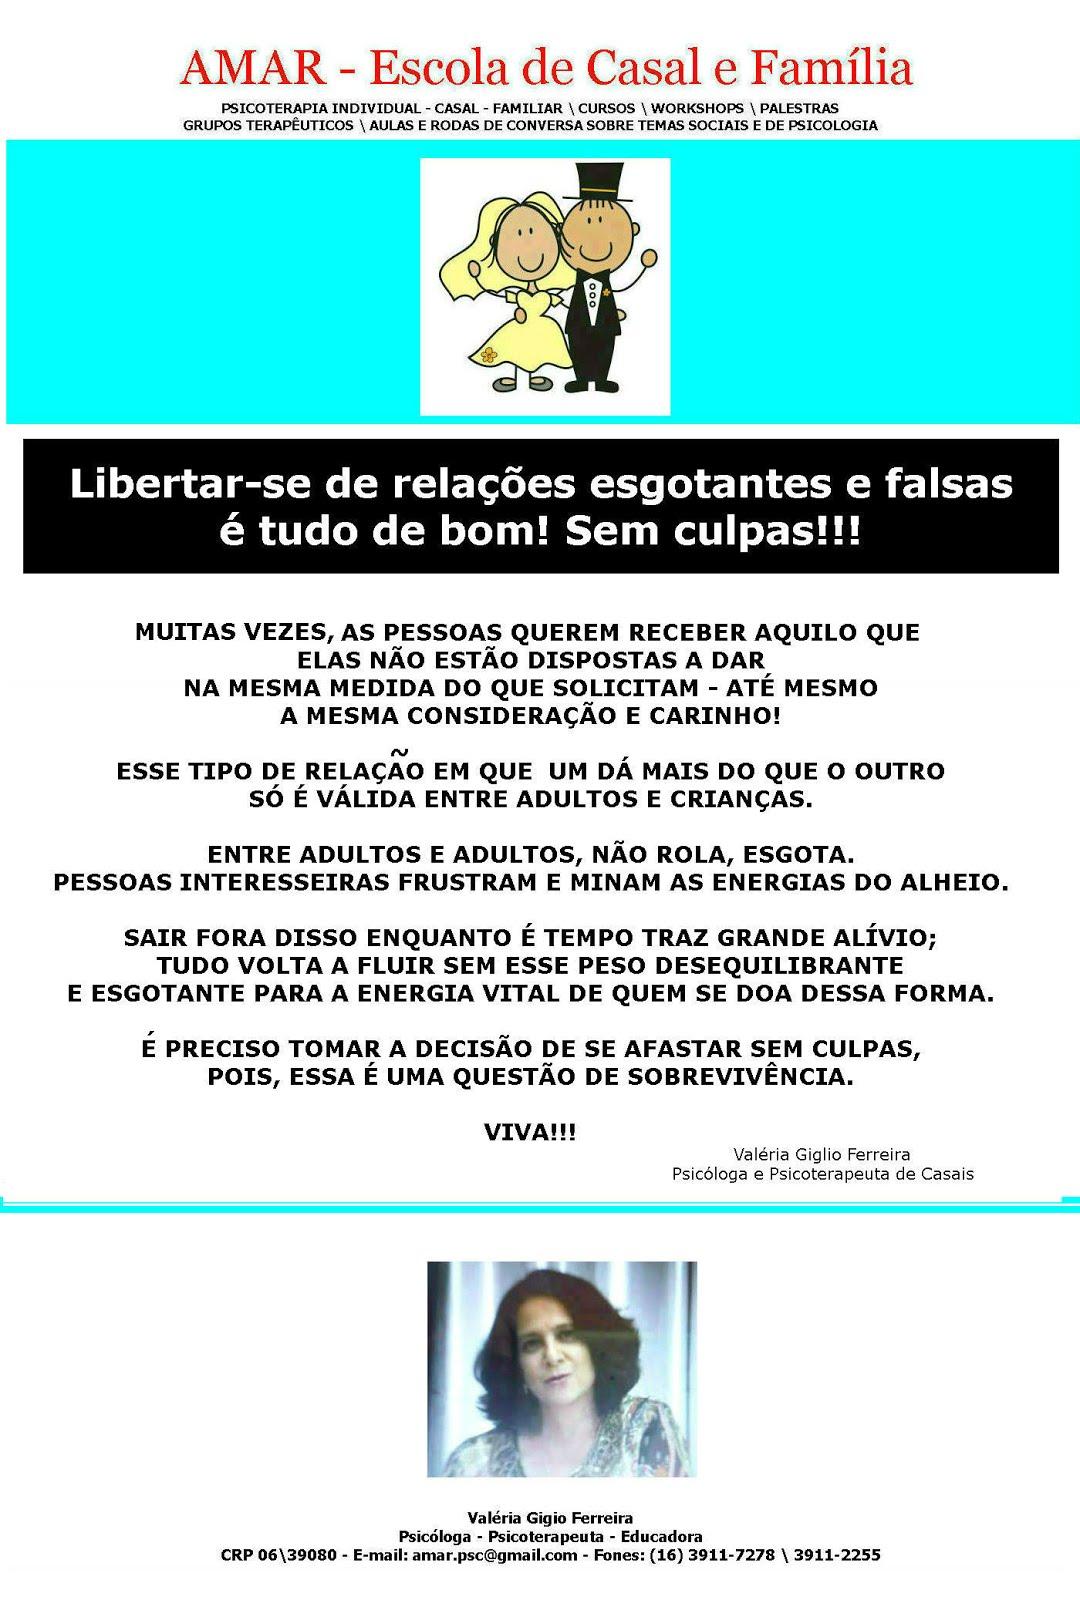 LIBERTE-SE DE RELAÇÕES ESGOTANTES, INTERESSEIRAS E FALSAS.